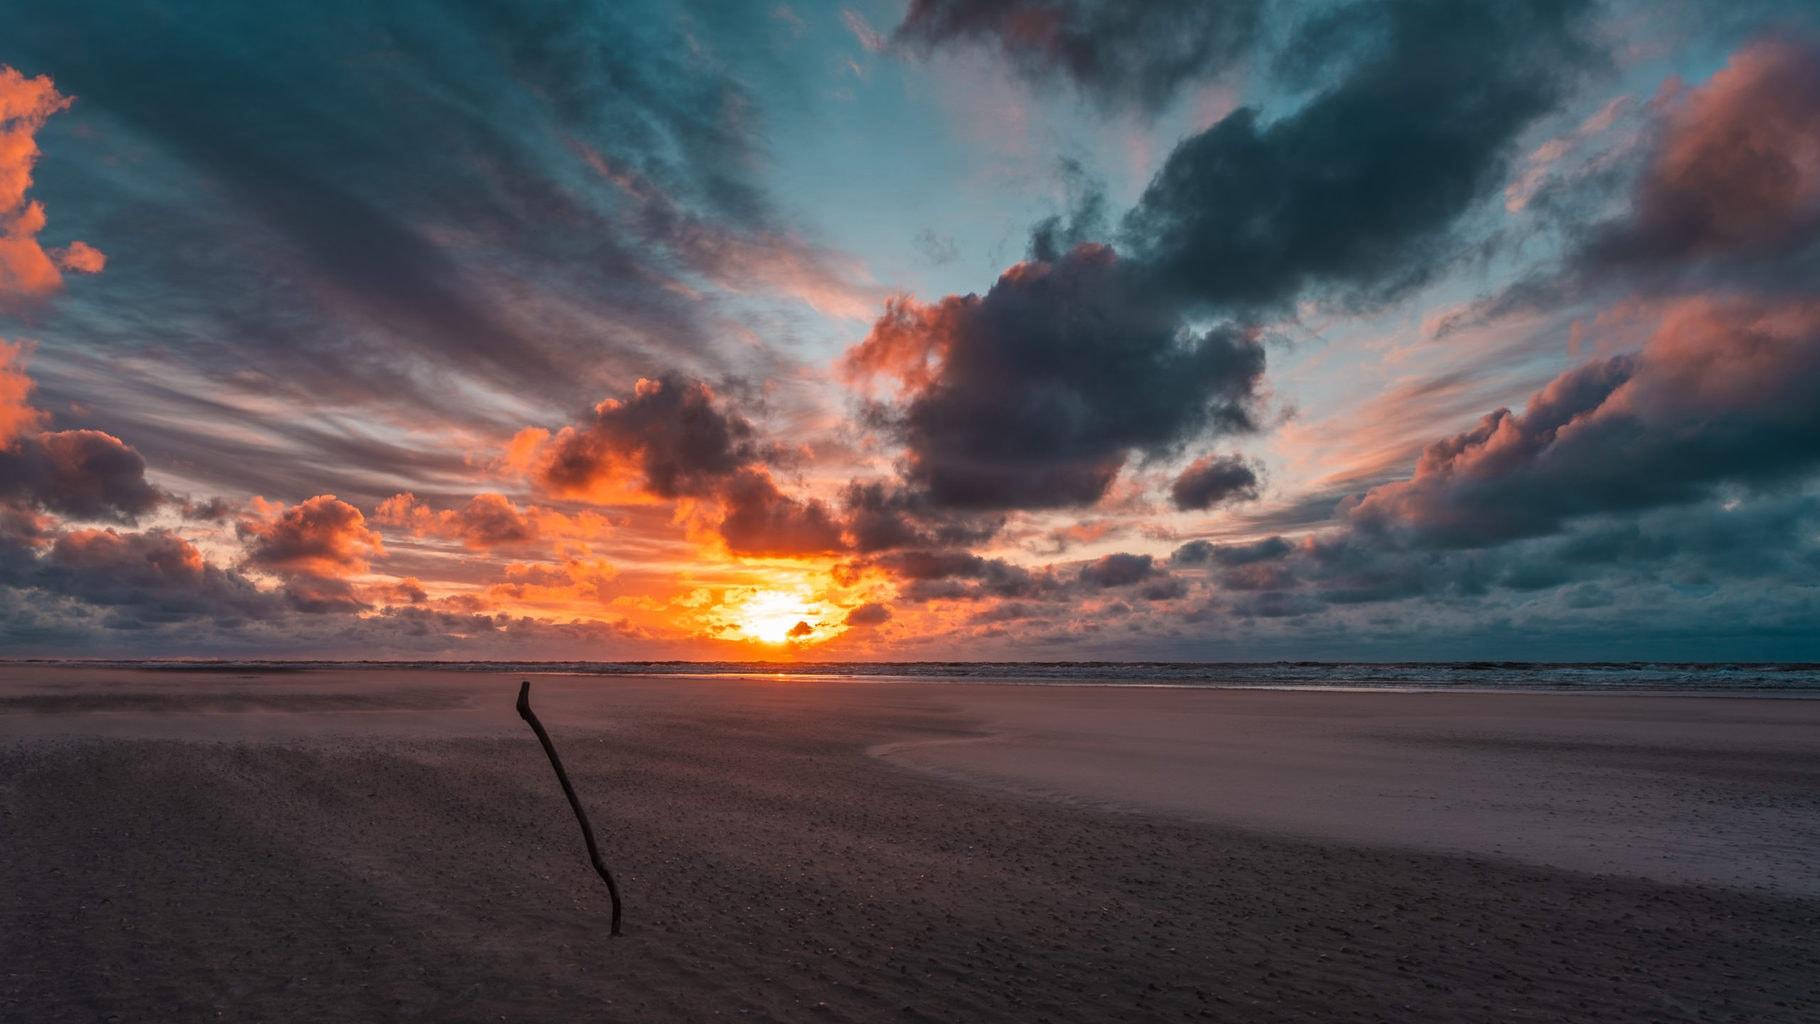 De zonsondergang boven het strand van noordzeeeiland is er een om van te genieten